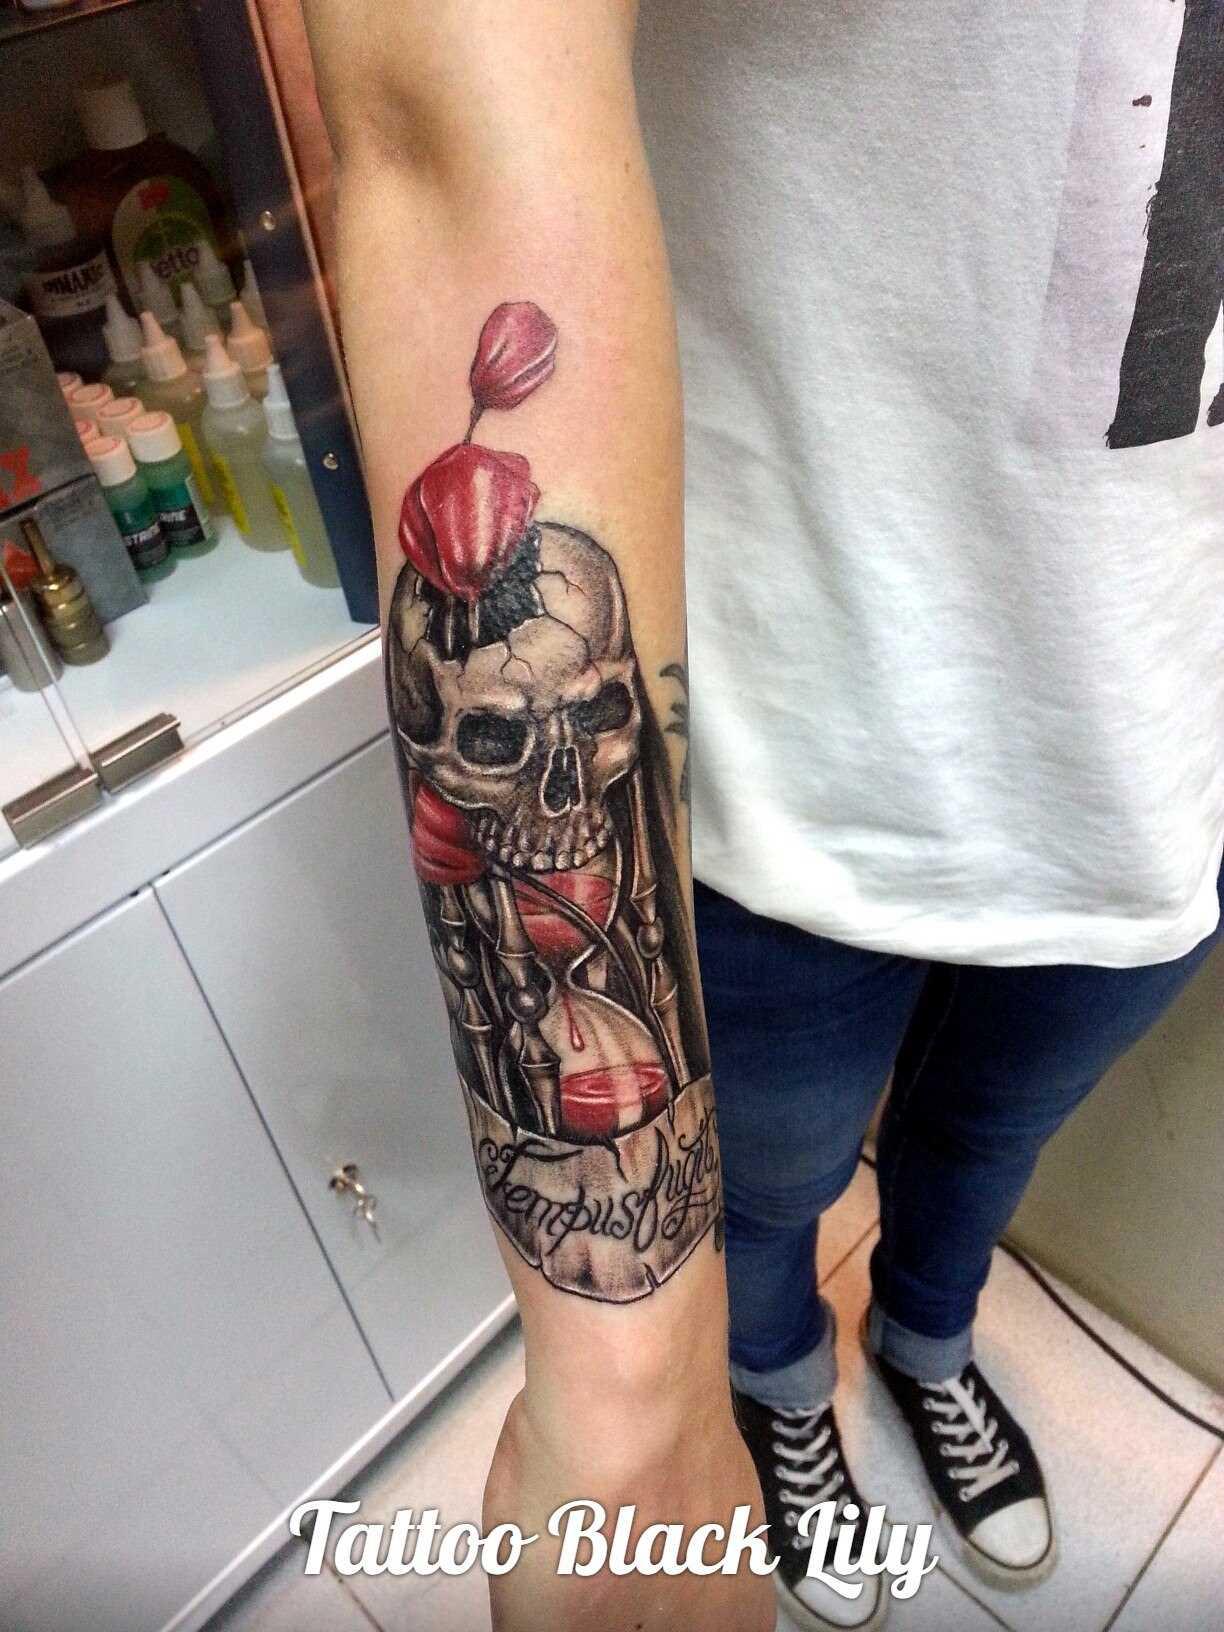 Tatuagem no antebraço tenha uma cara de crânio e a ampulheta